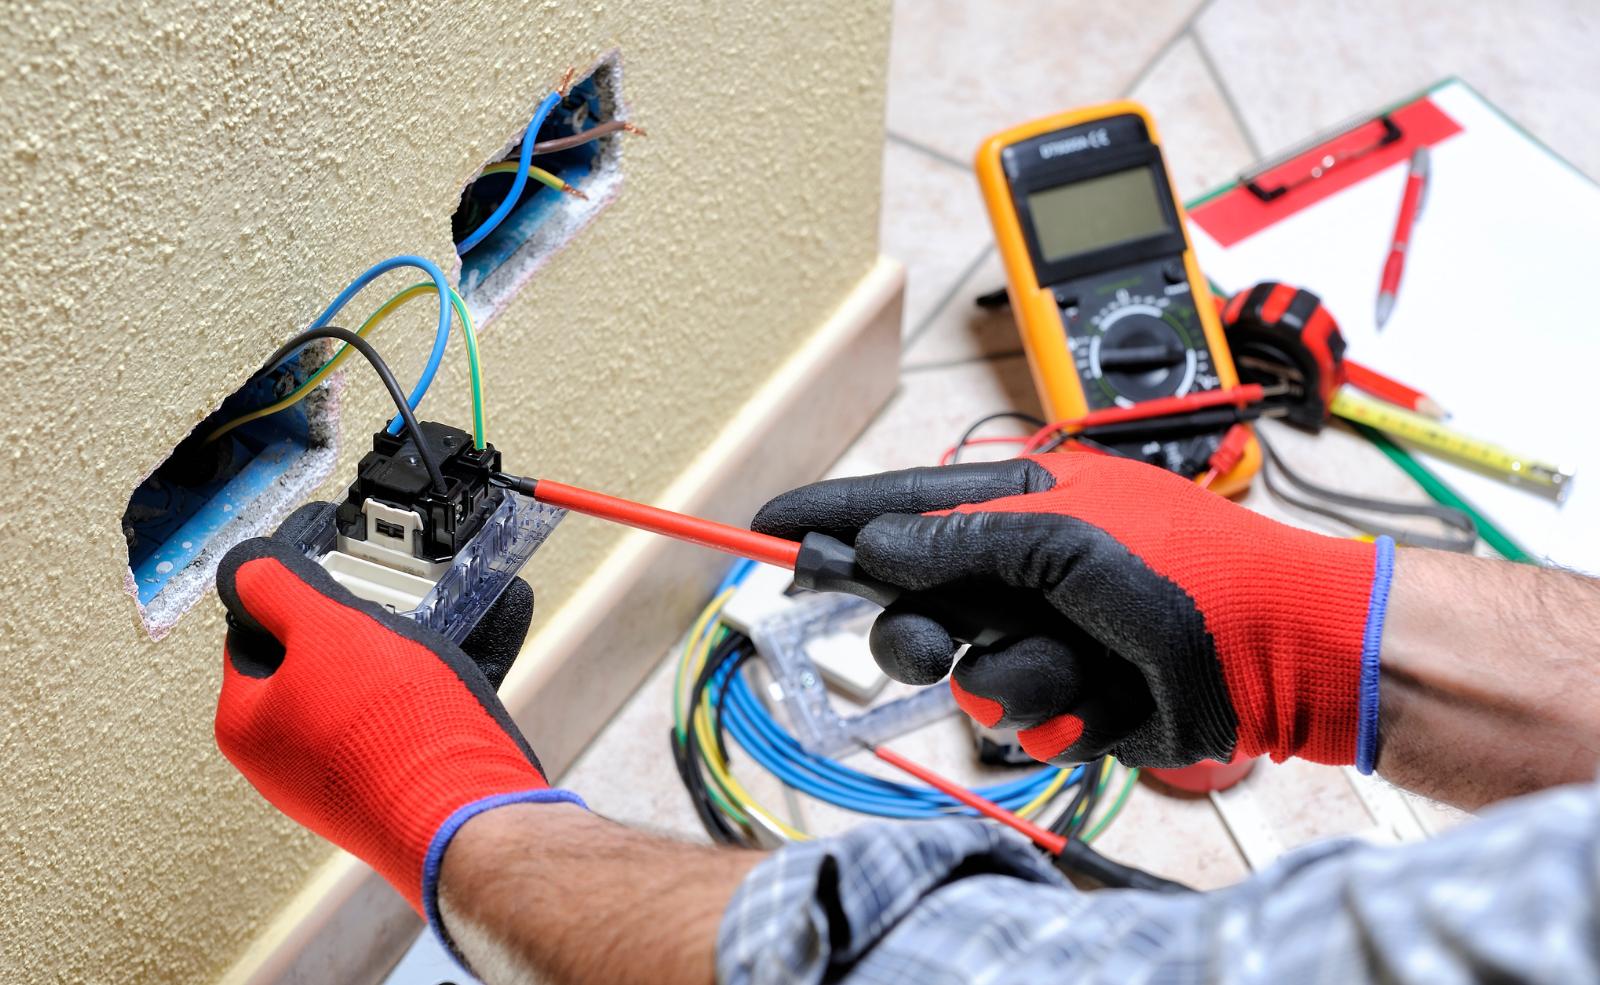 Das Arbeiten mit Strom ist trotz allem sehr gefährlich. Im Zweifelsfall sollte man immer einen Fachmann ans Werk lassen.